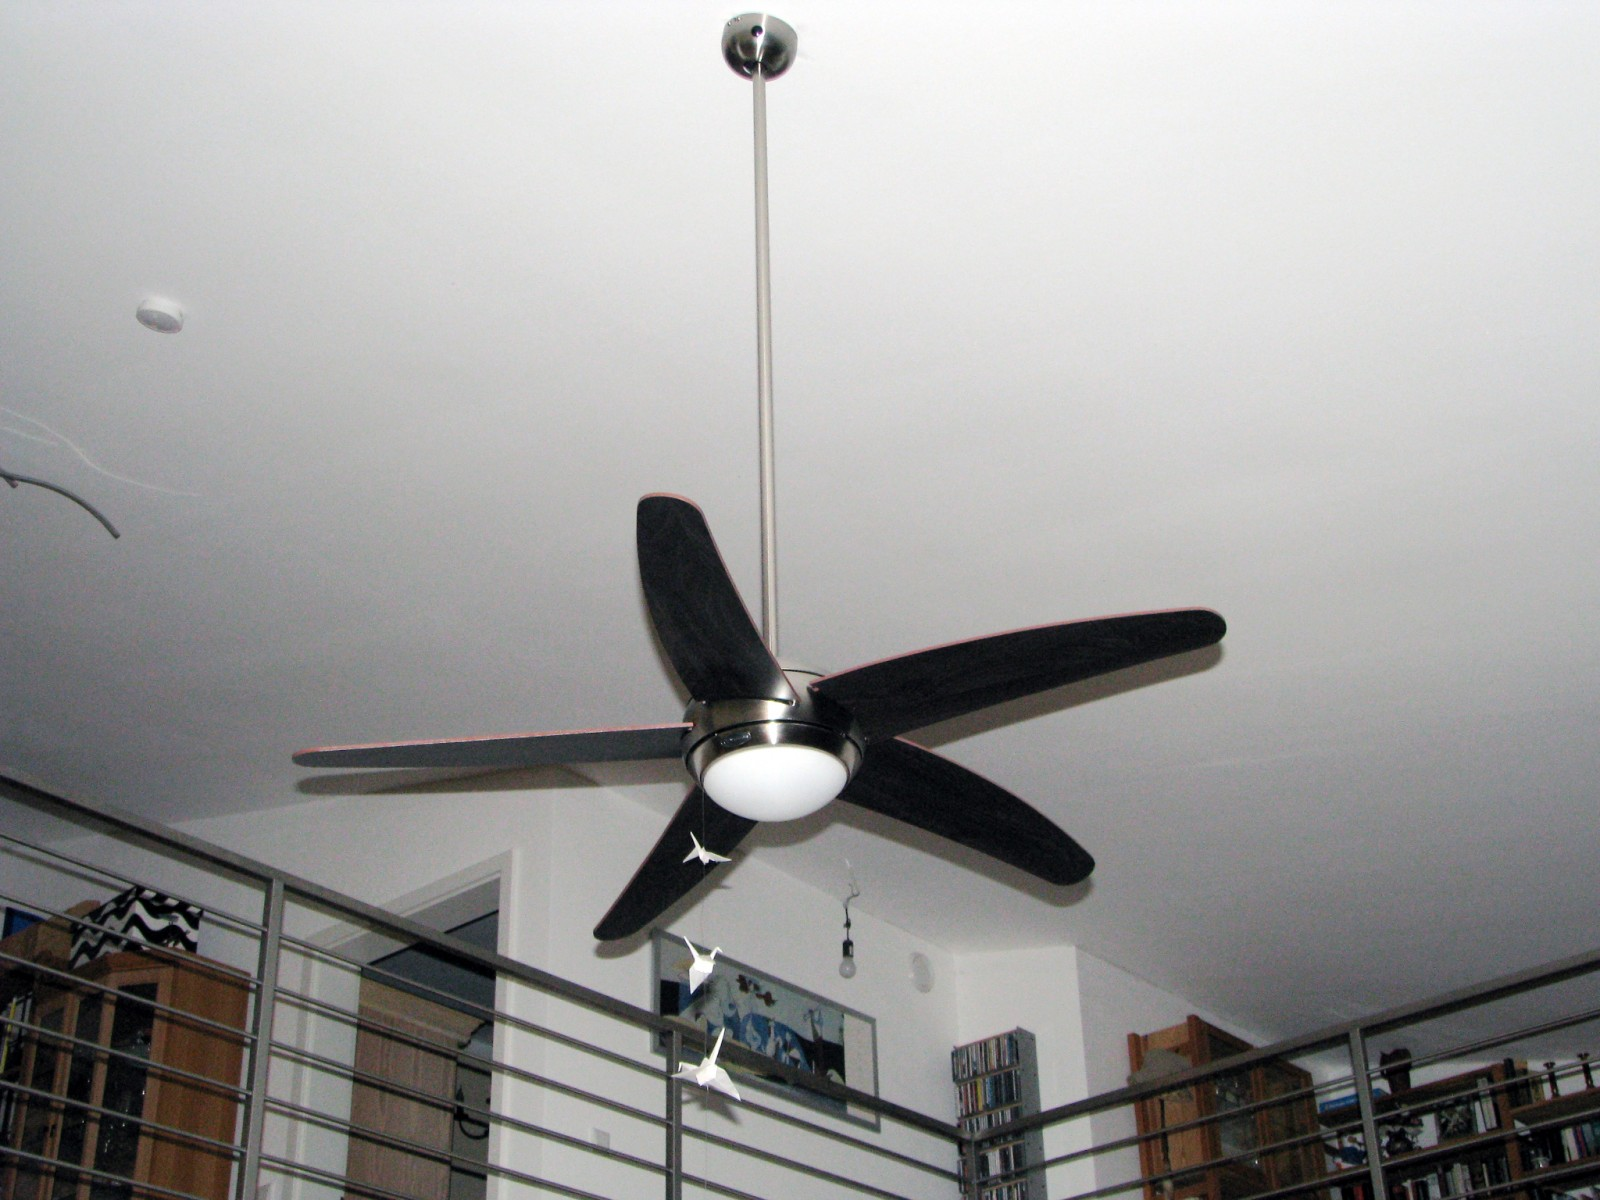 Schema Elettrico Per Ventilatore Da Soffitto : Come installare un ventilatore da soffitto ventilatoredasoffitto